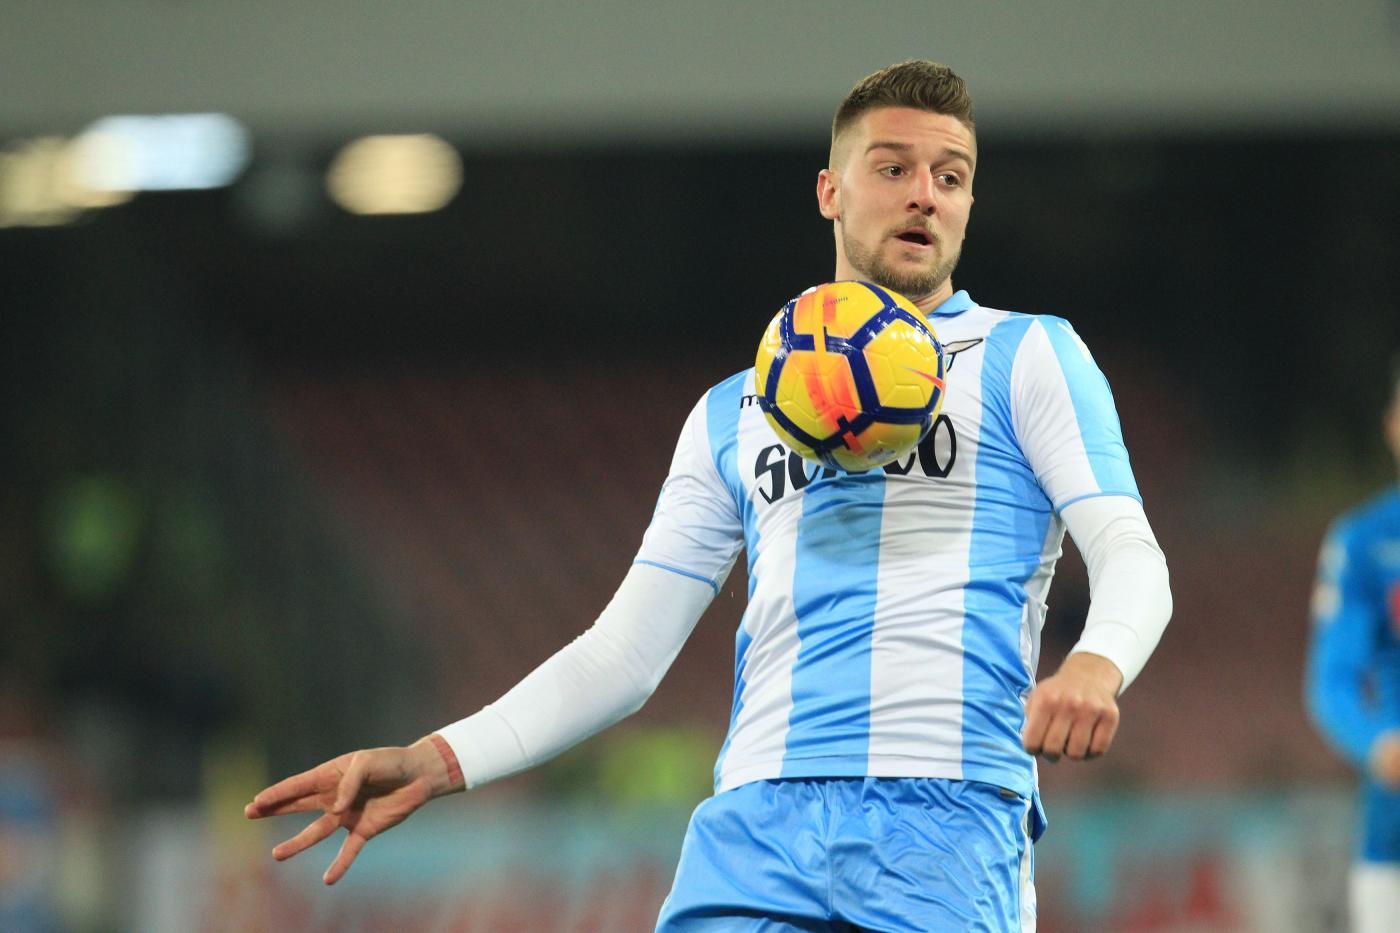 Lazio-Milinkovic-Savic: nonostante le diverse offerte, il centrocampista della nazionale serba dovrebbe restare a Roma almeno fino a giugno